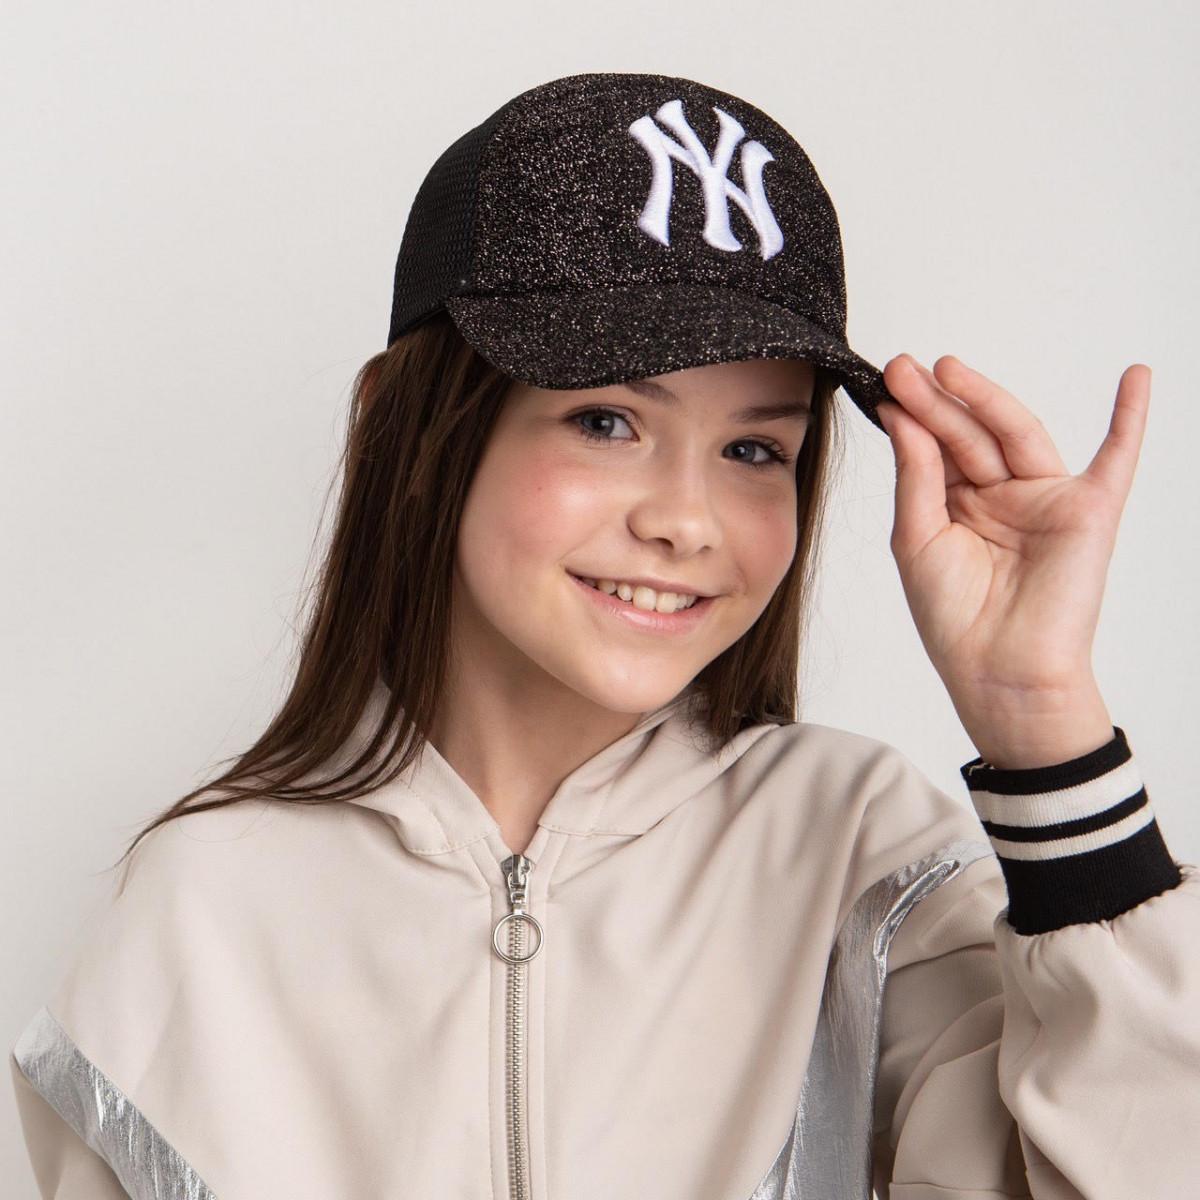 Модная кепка для девочек и женщин на лето оптом - Нью Йорк